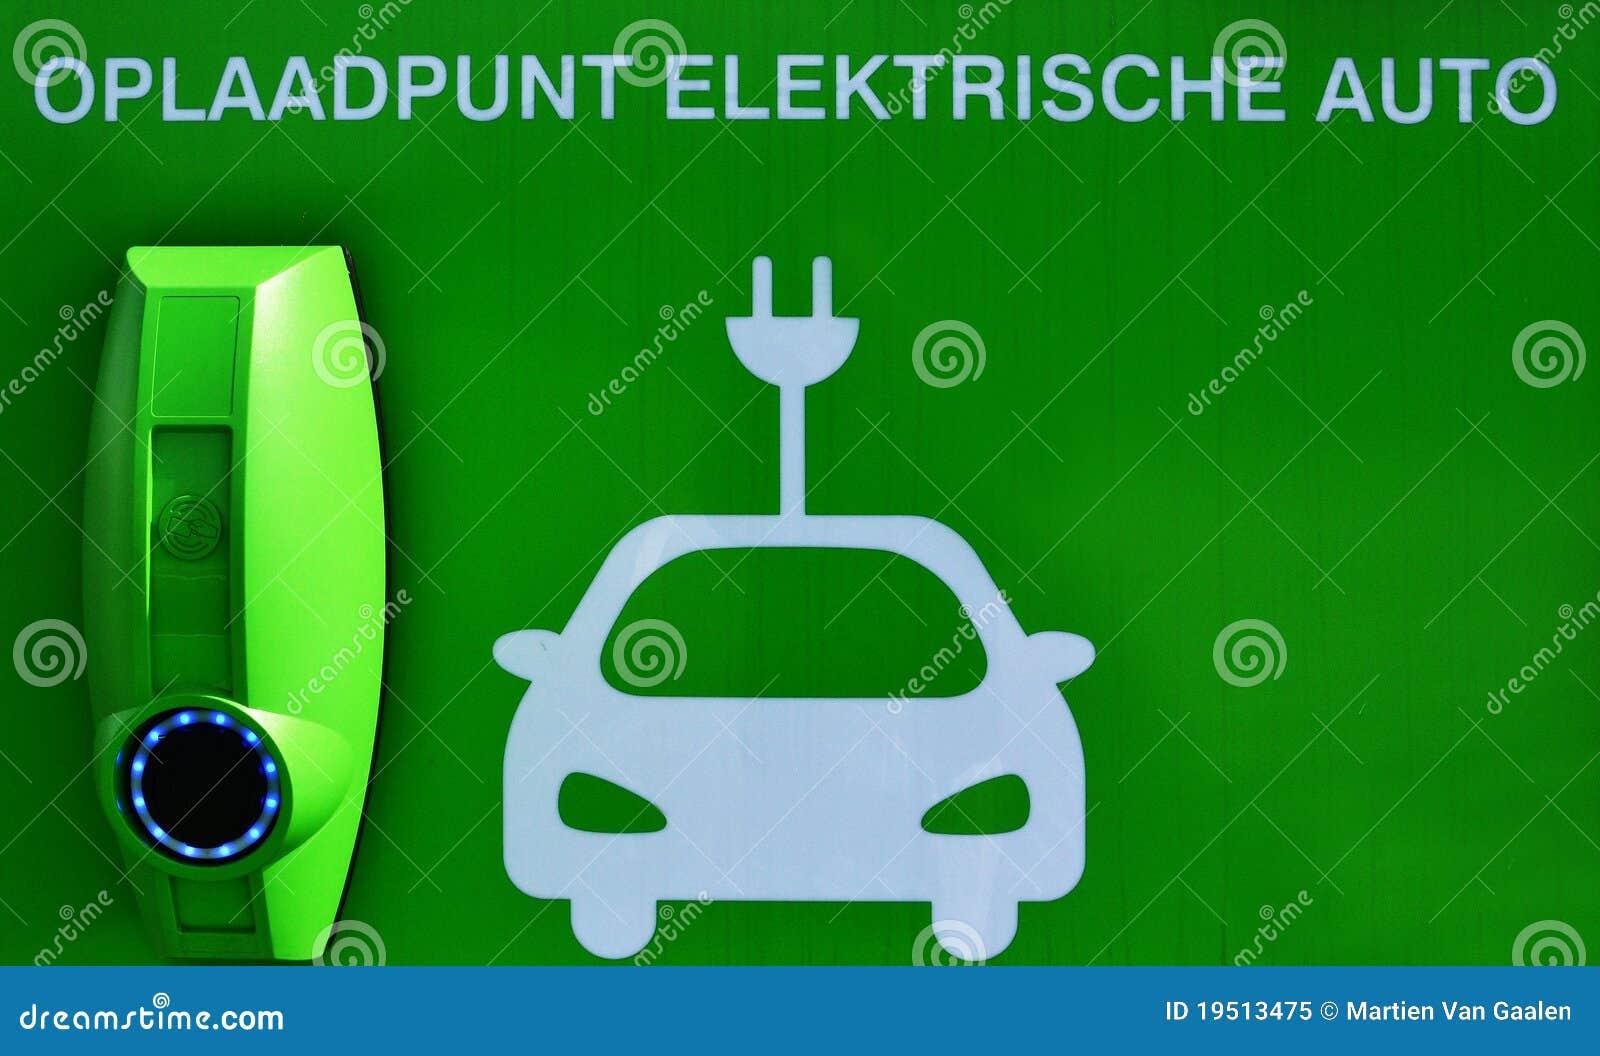 Point de charge pour les véhicules électriques.